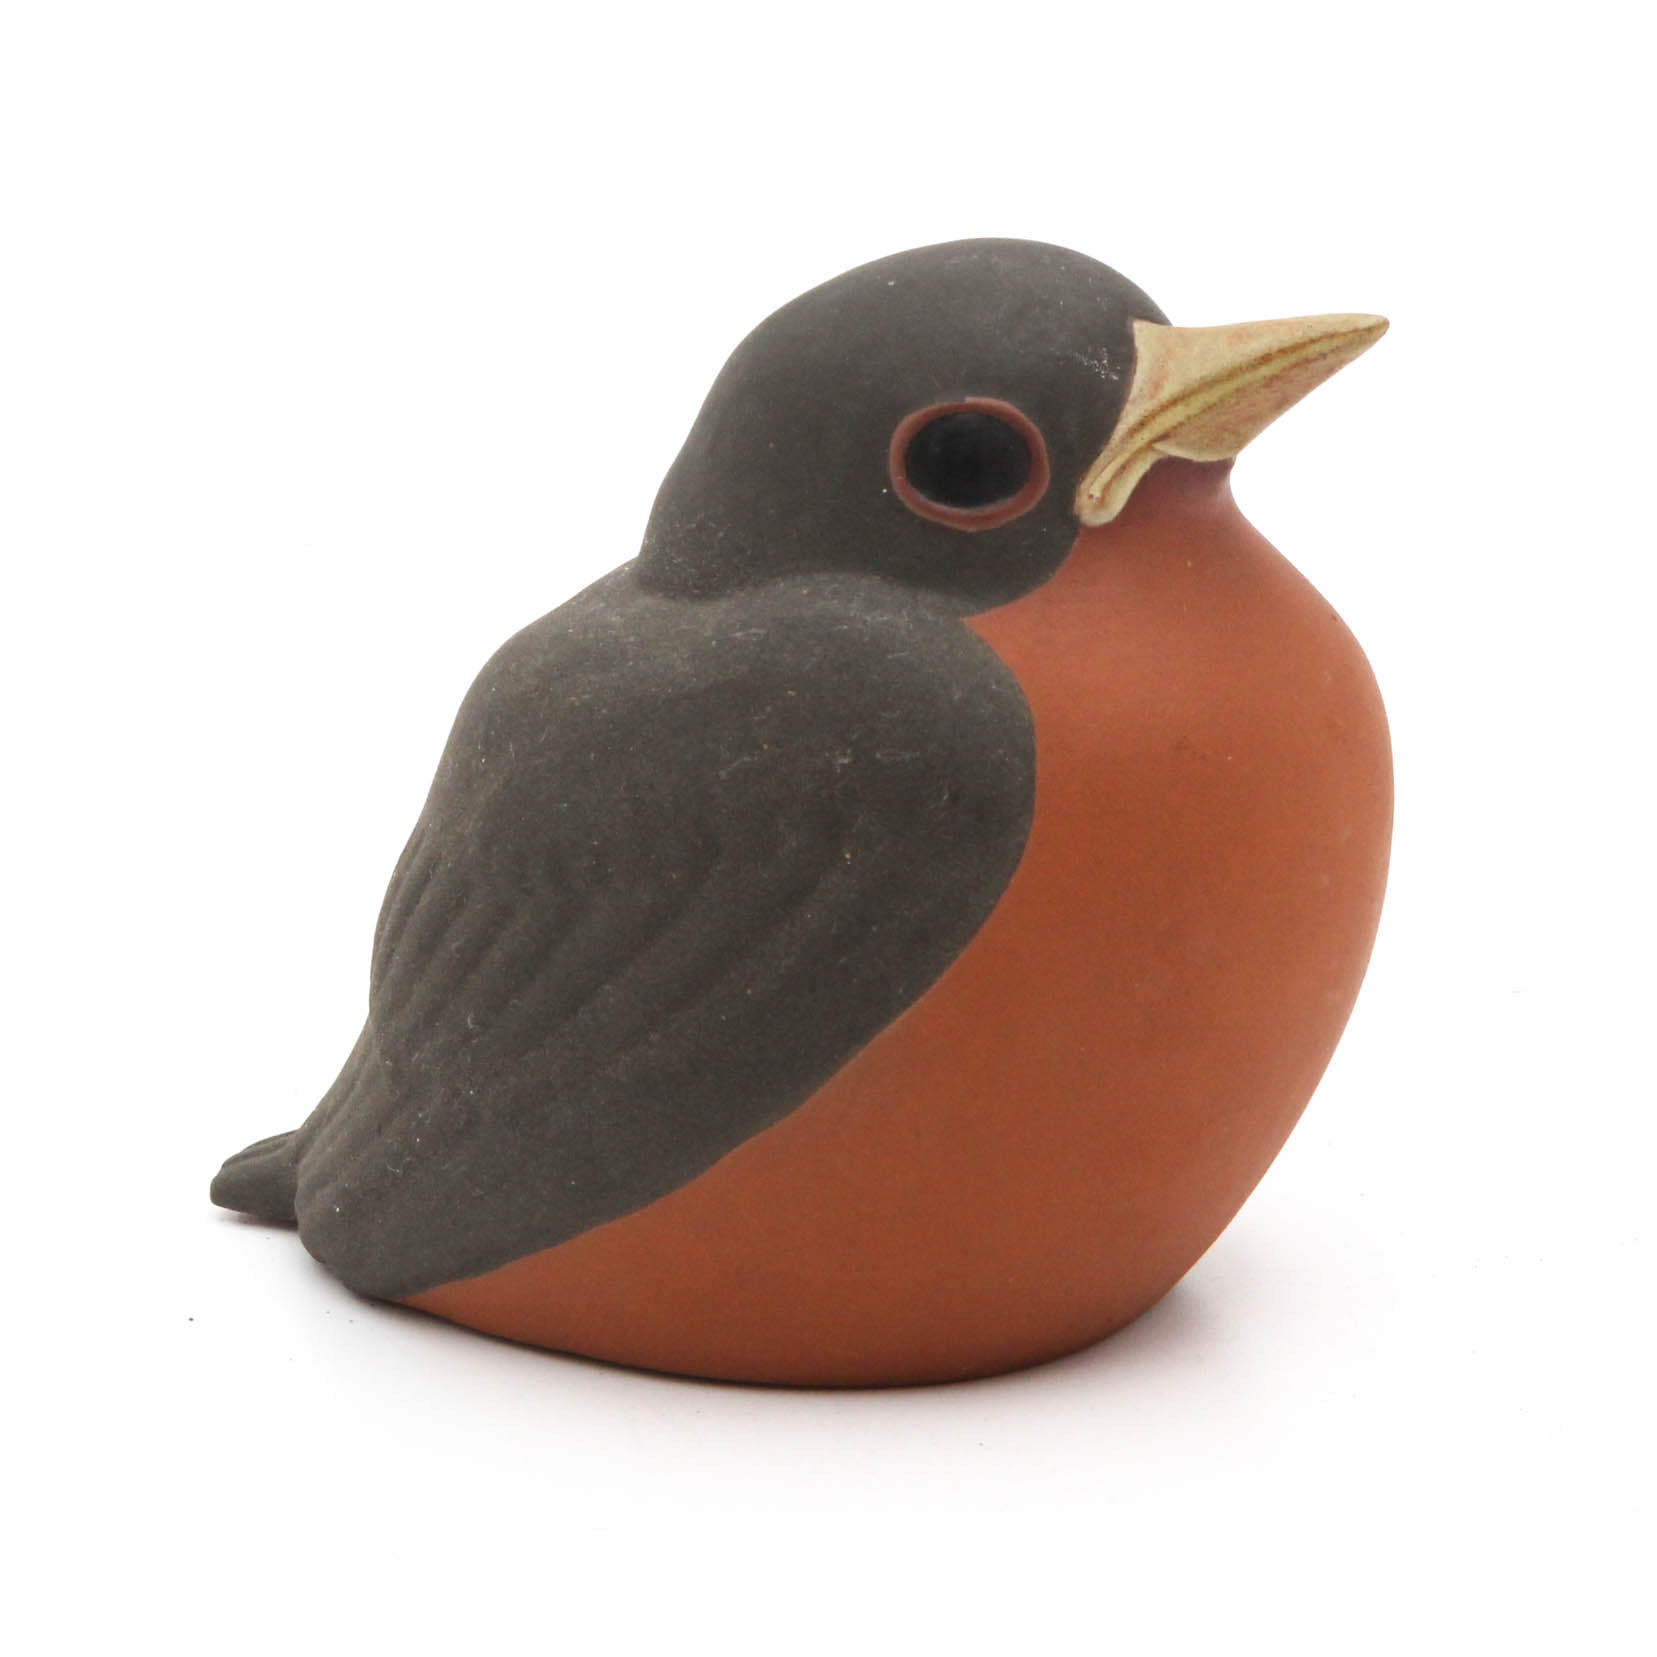 Nicodemus Ferro-Stone Sparrow Figurine